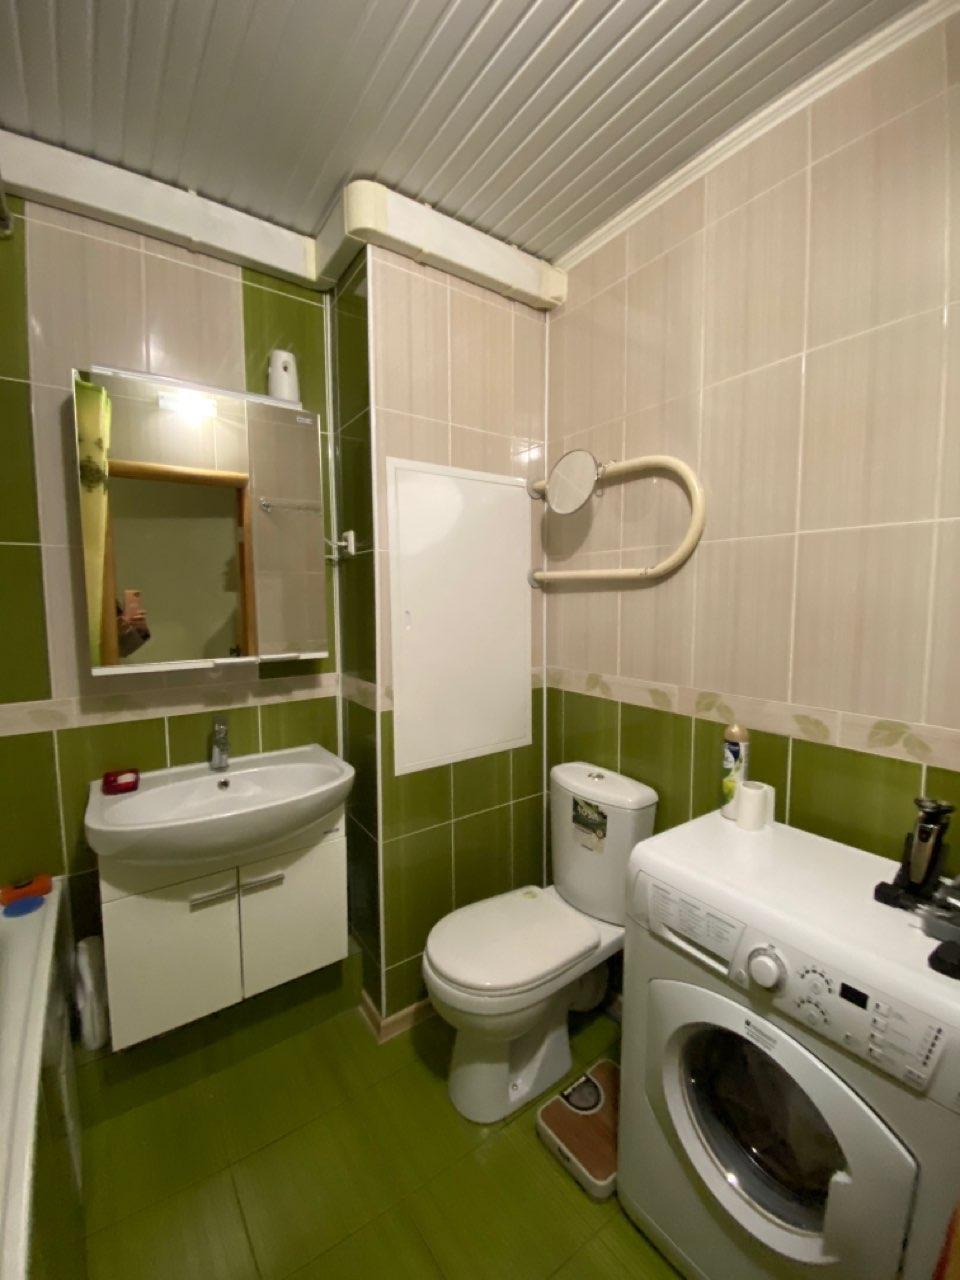 купить квартиру без посредников +в москве